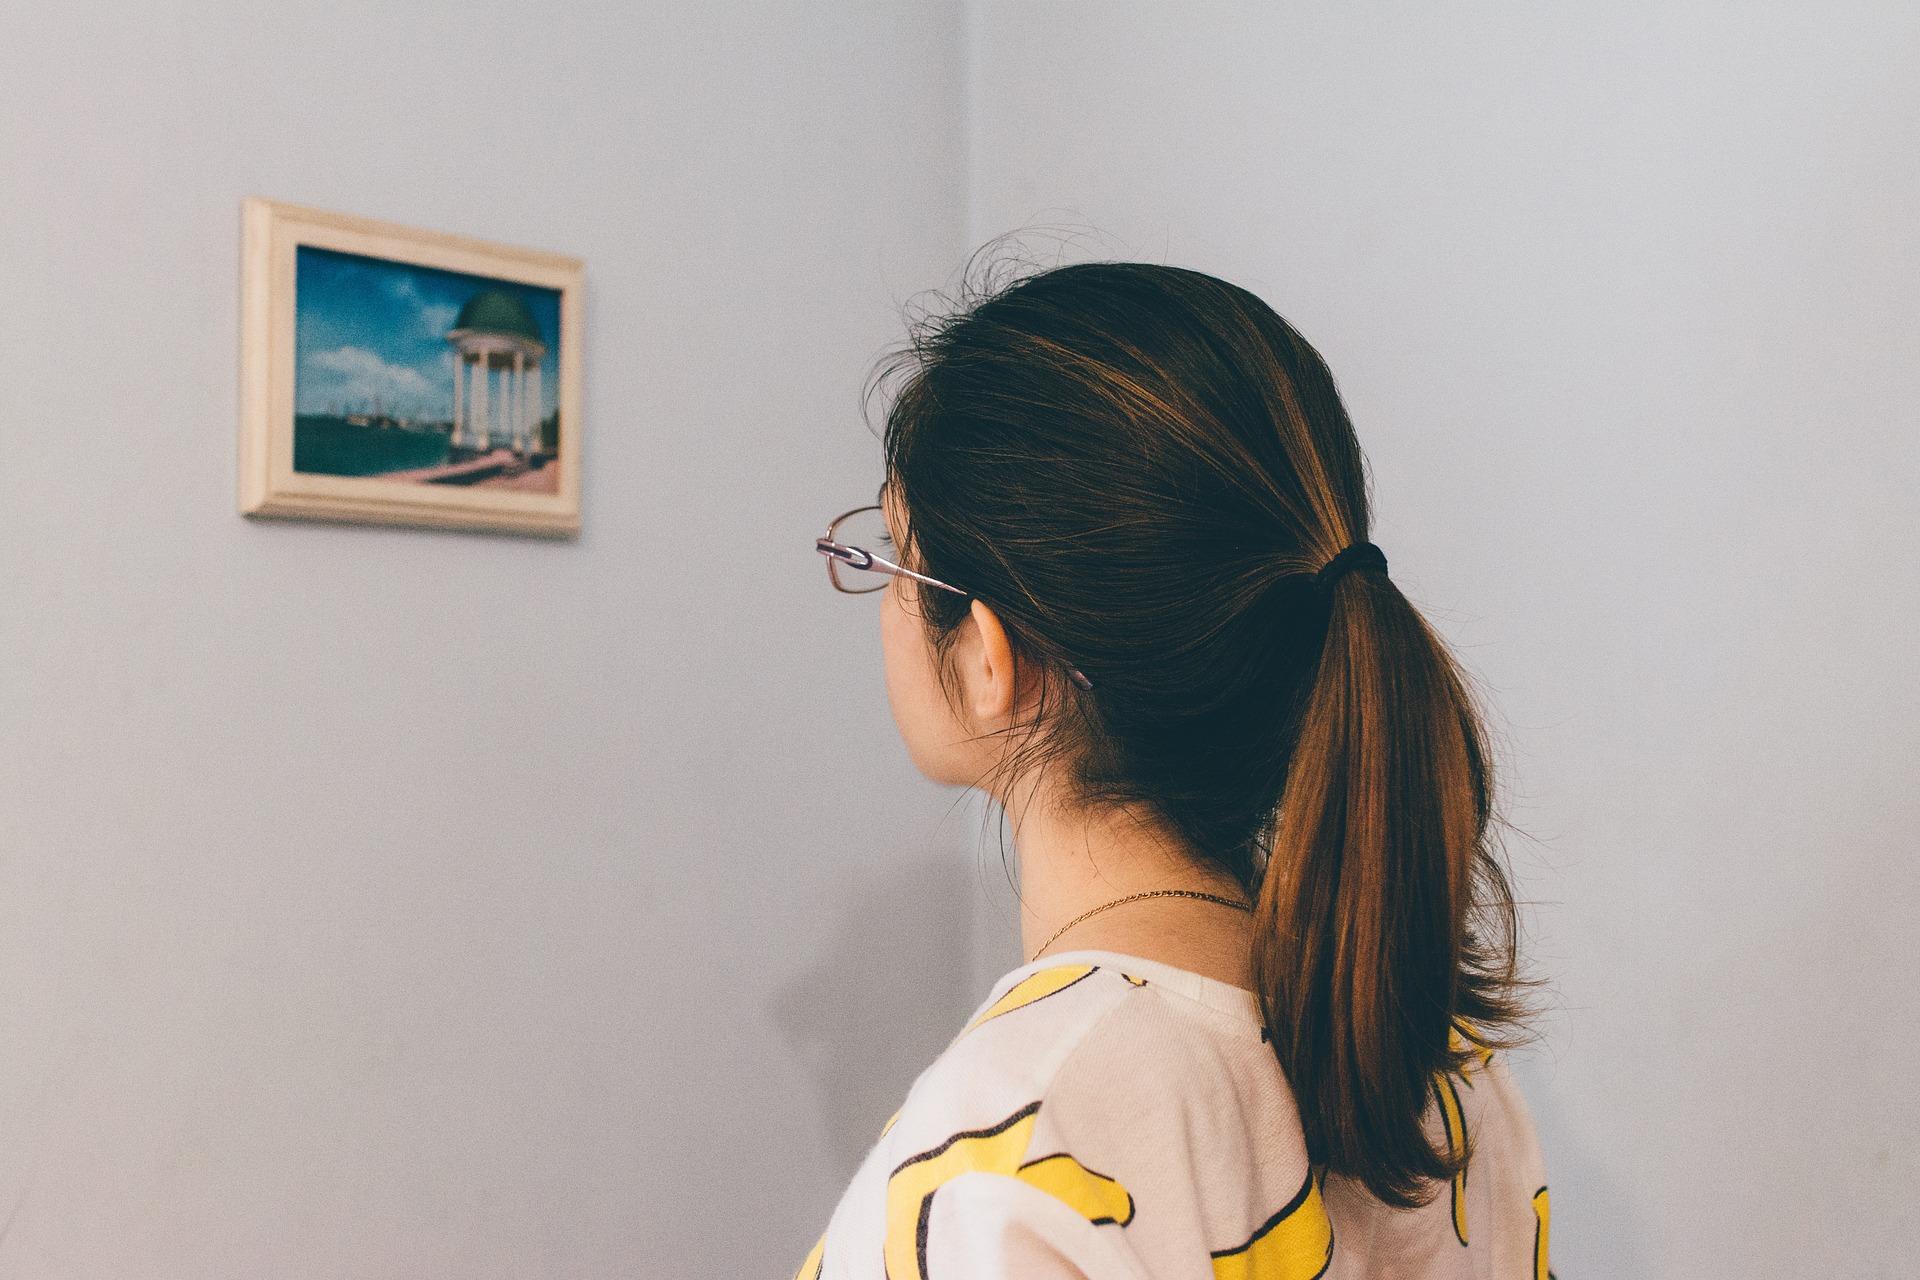 Mulher olhando porta retrato de parede.